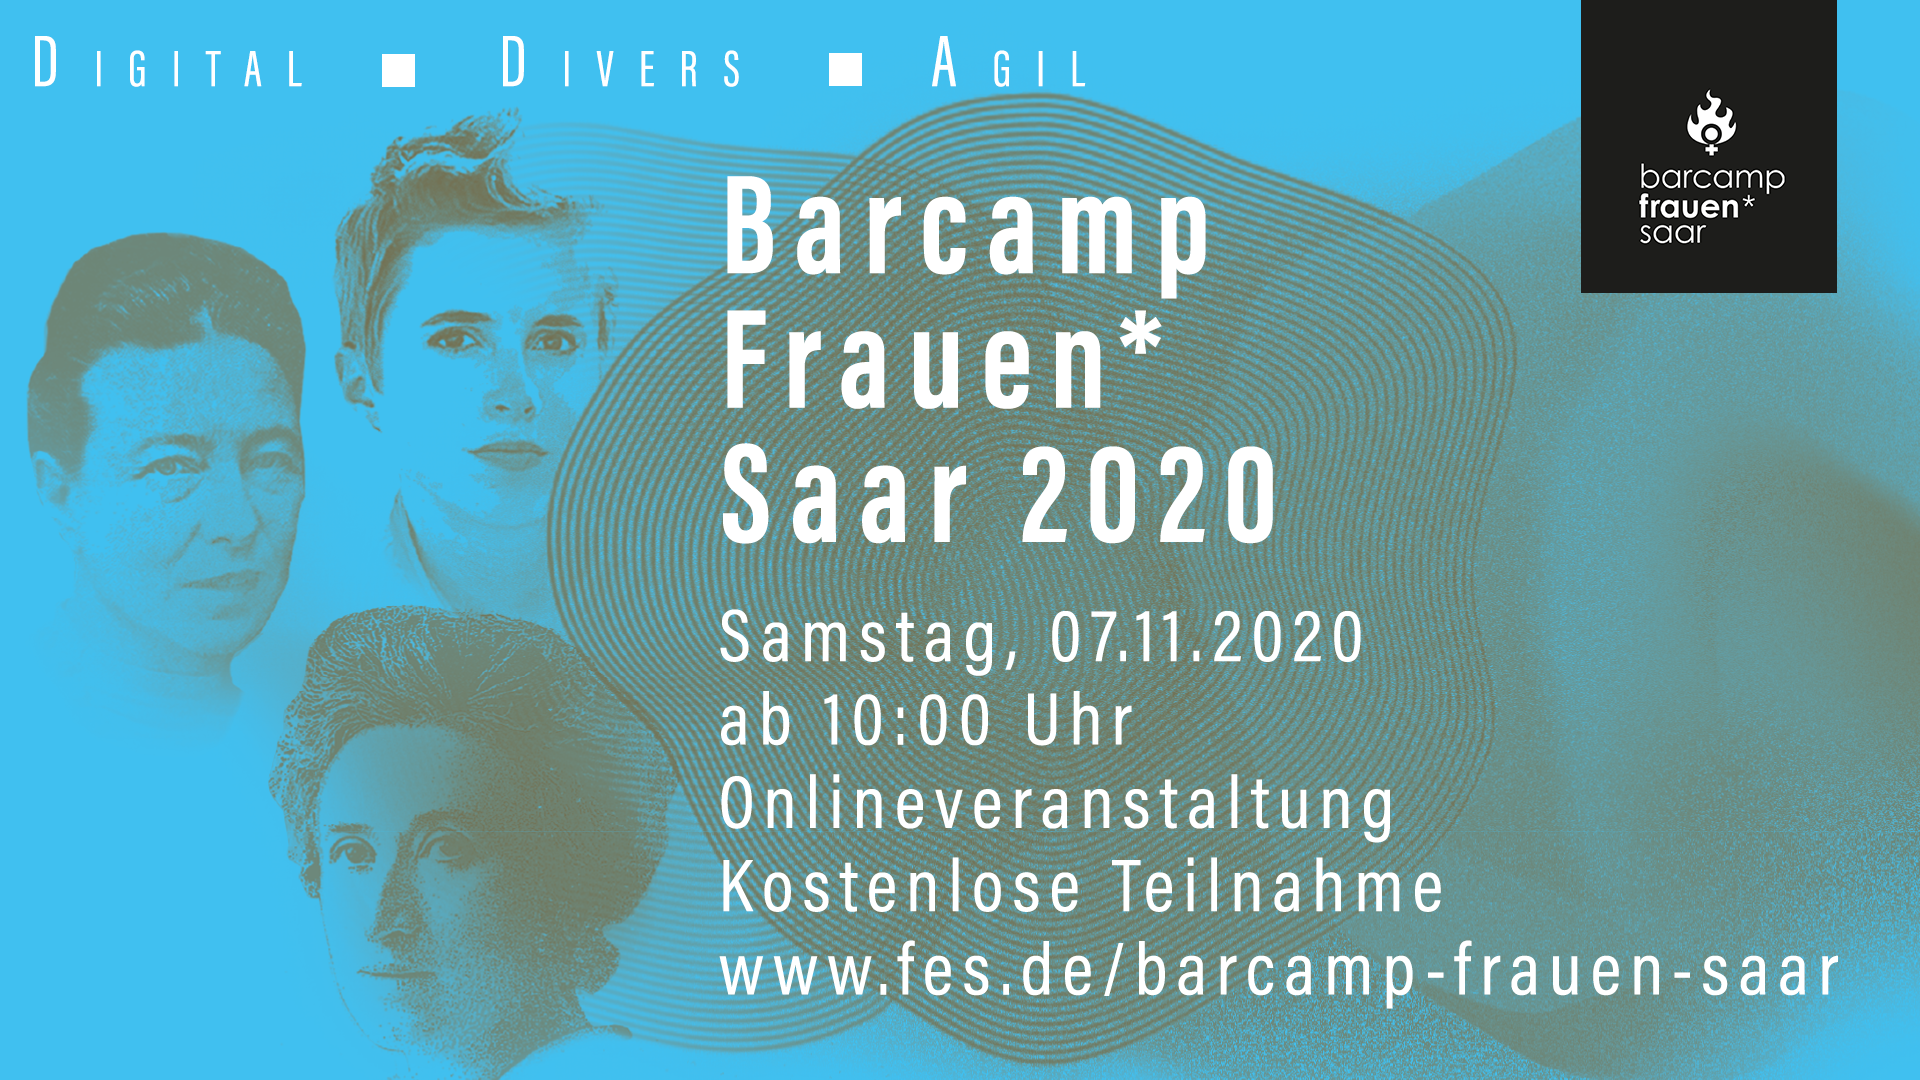 Barcamp Frauen* Saar online am 7. November 2020 von 10:00 bis 15:30 Uhr